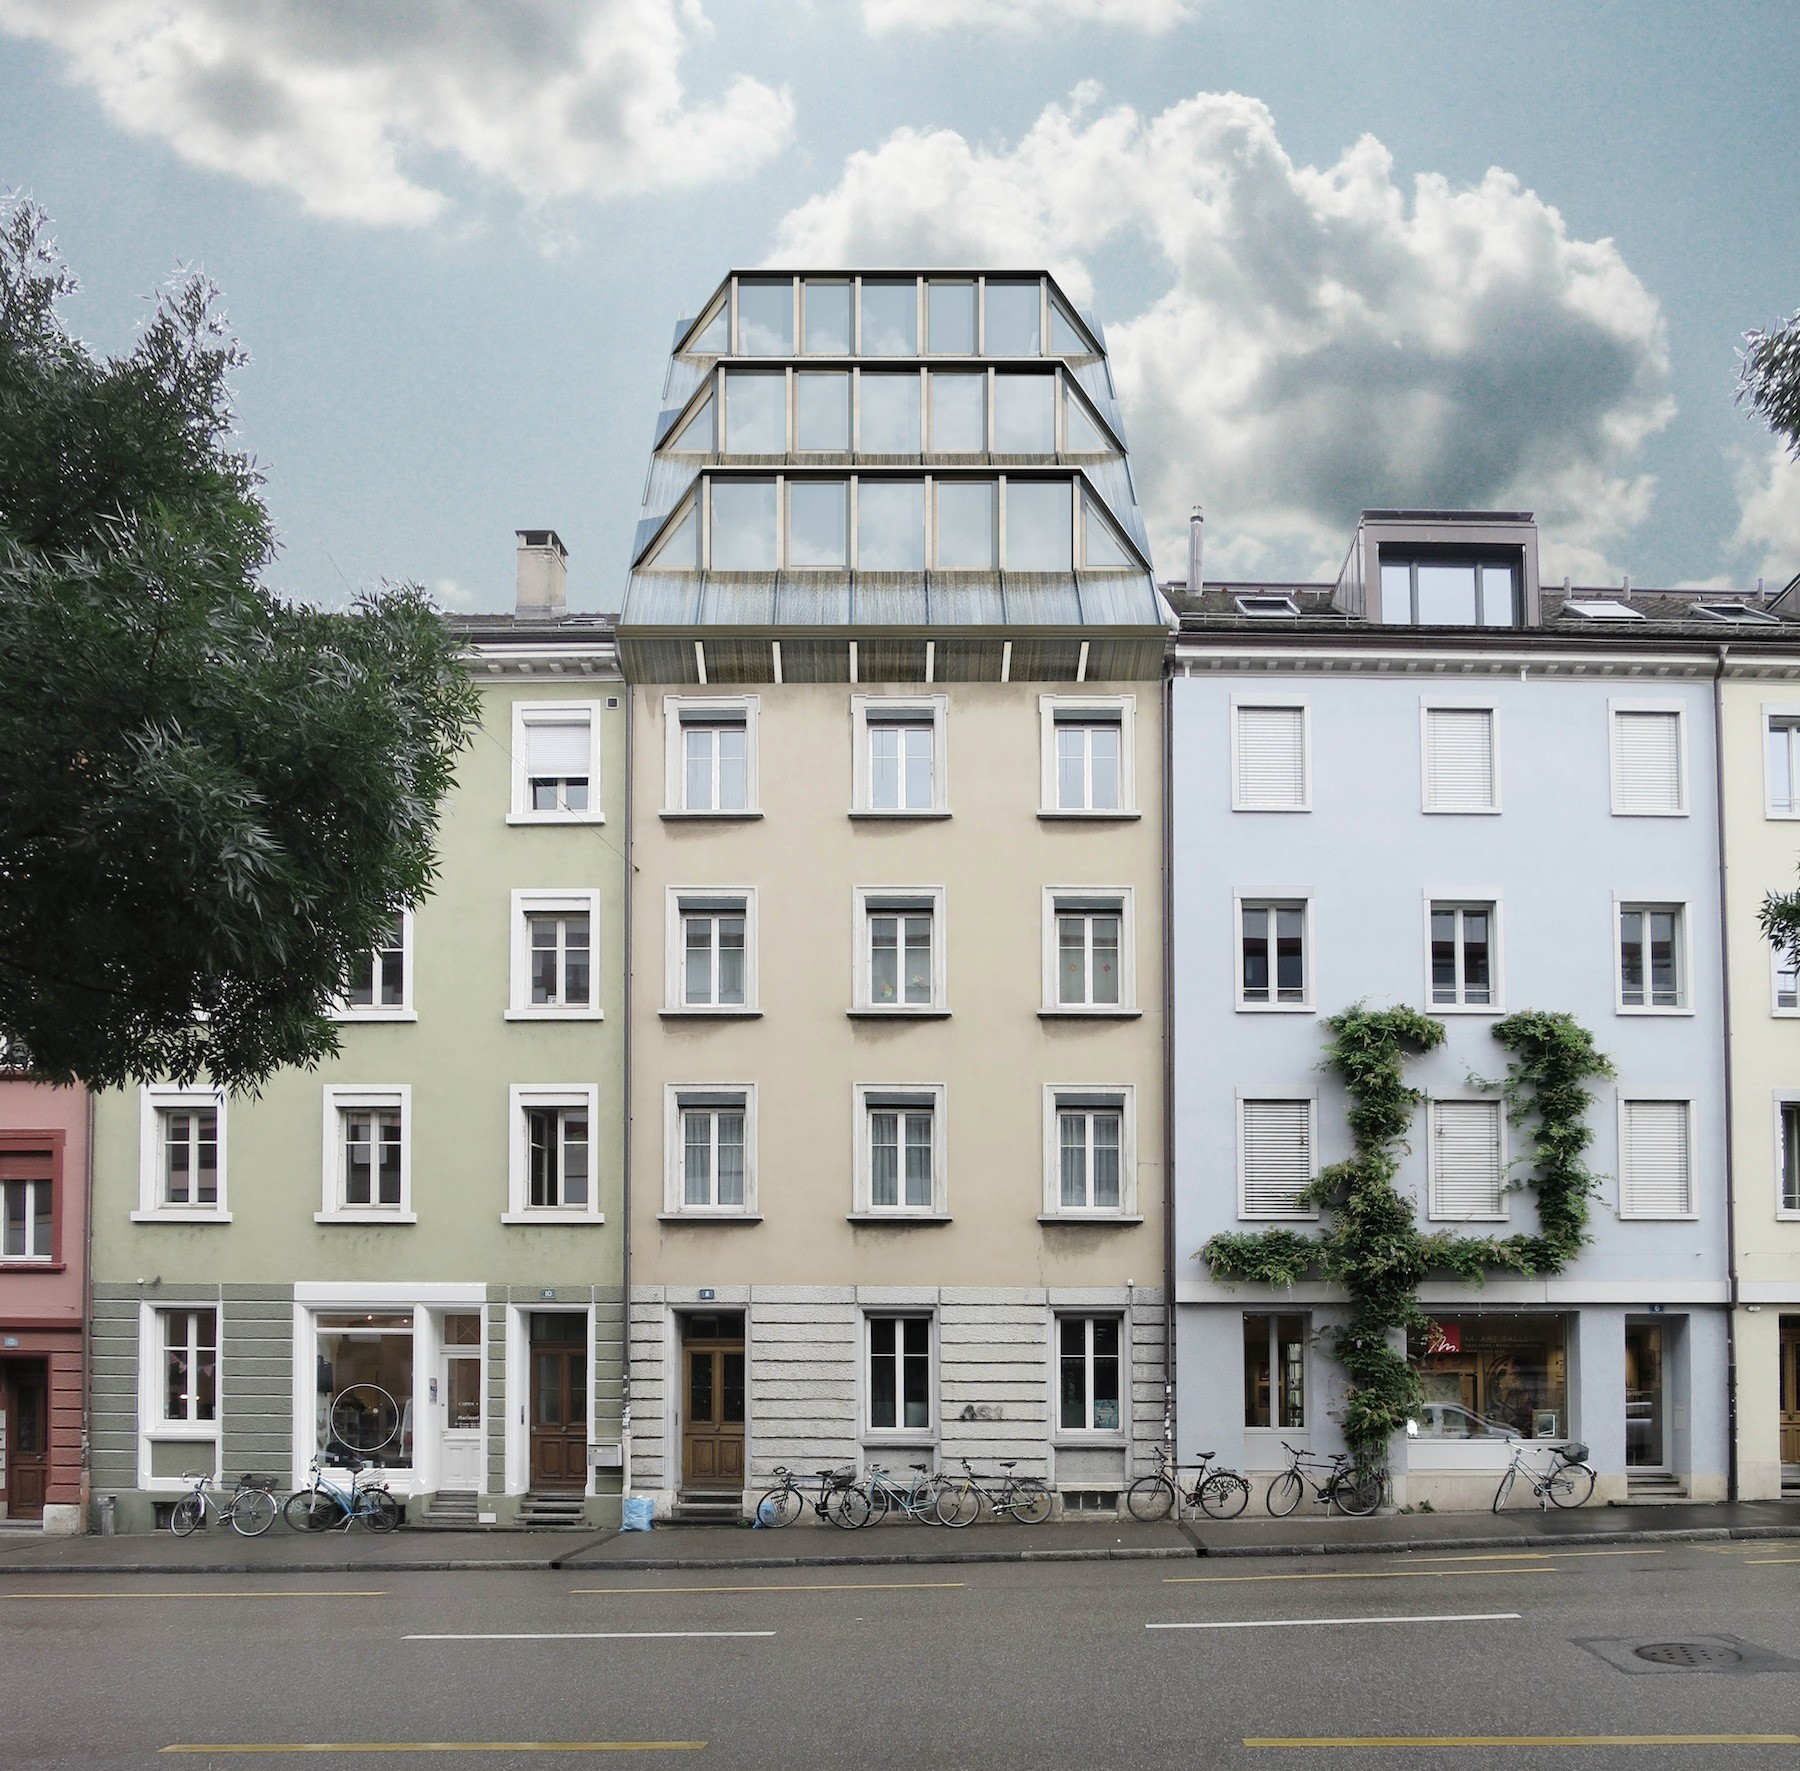 Wohnungsknappheit: Juso will Gebäude aufstocken | TagesWoche